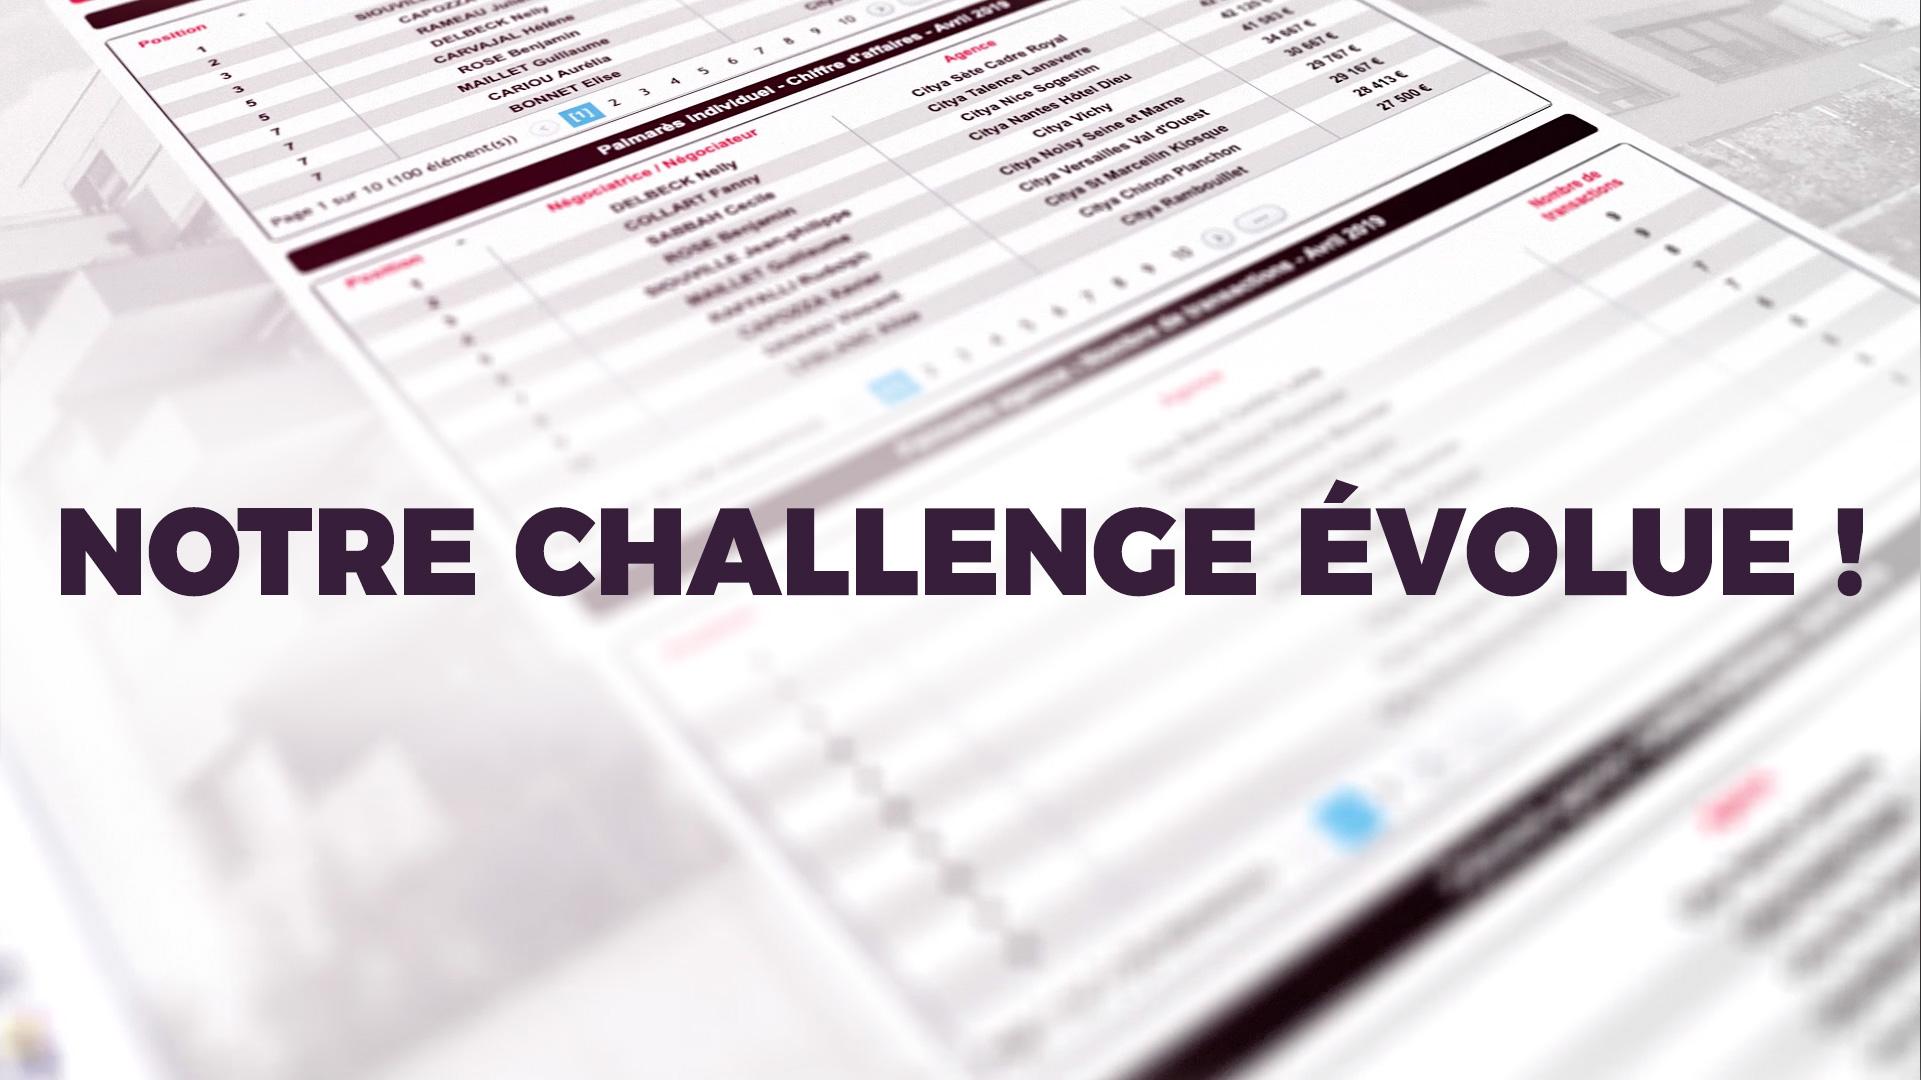 MyCitya - Notre challenge évolue !